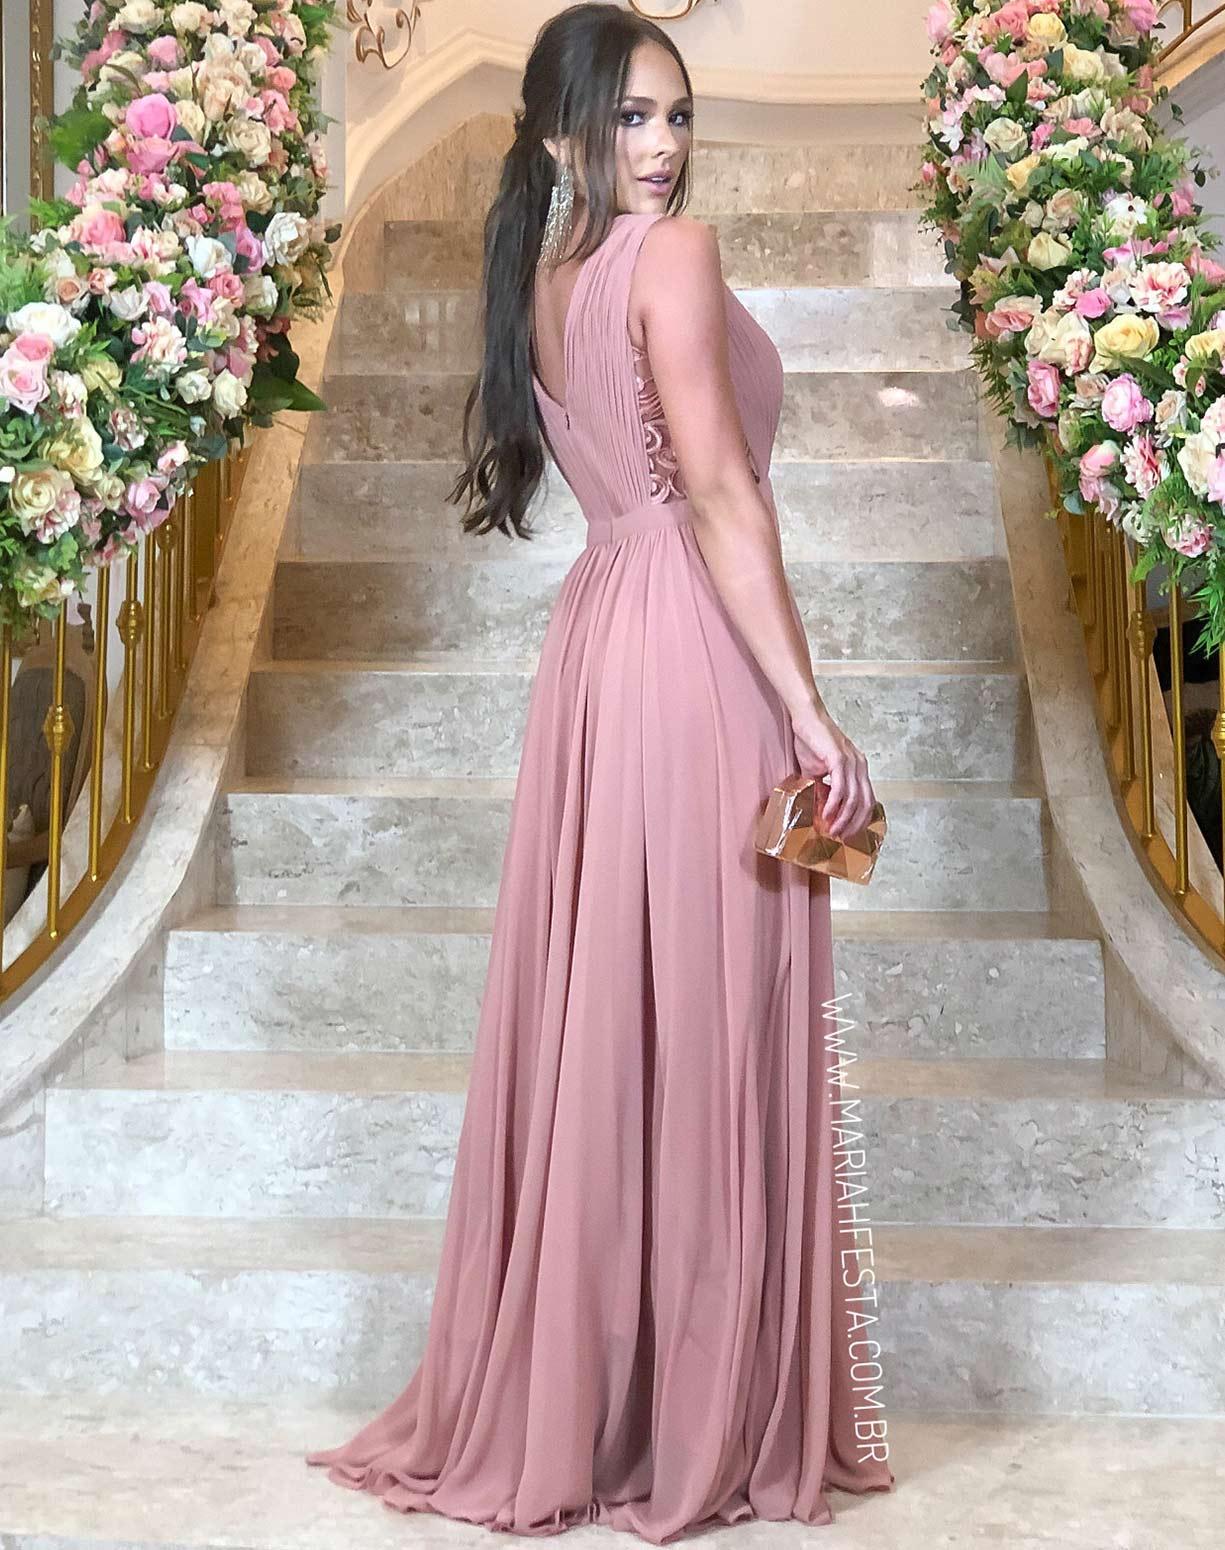 Vestido Rose Queimado com Detalhes em Renda e Saia Voal